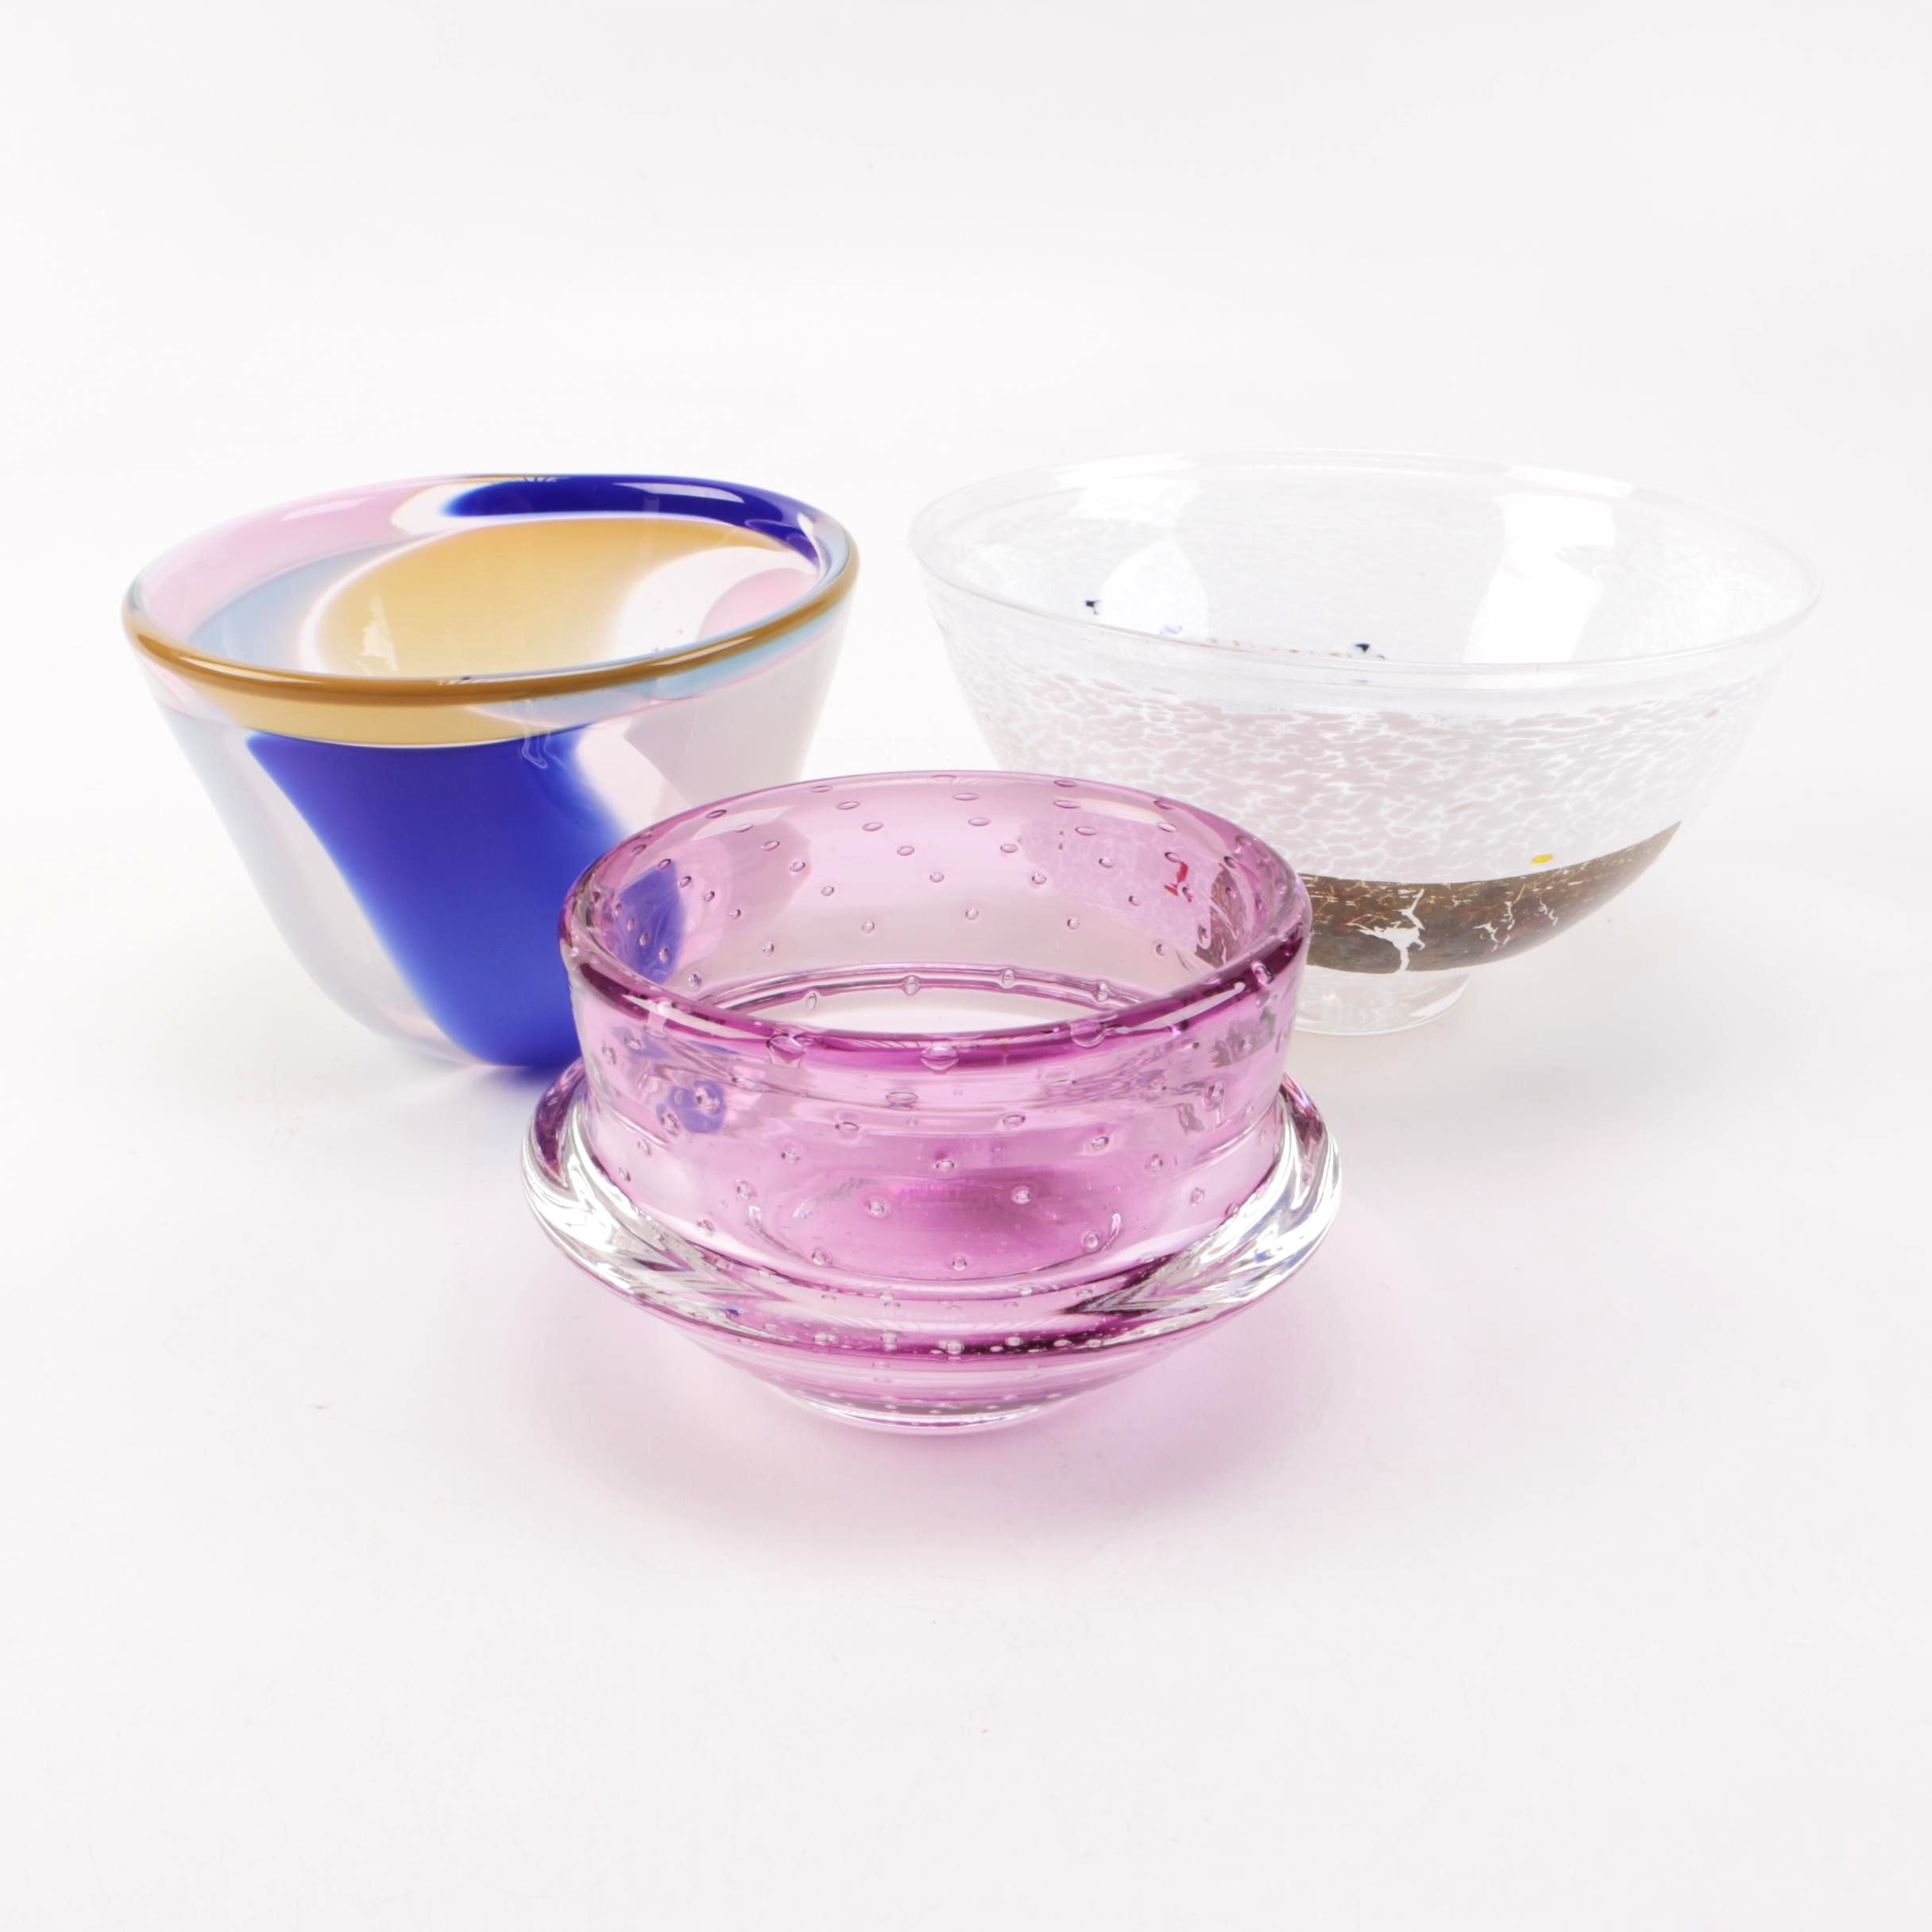 Art Glass Assortment Featuring Jim Shumate